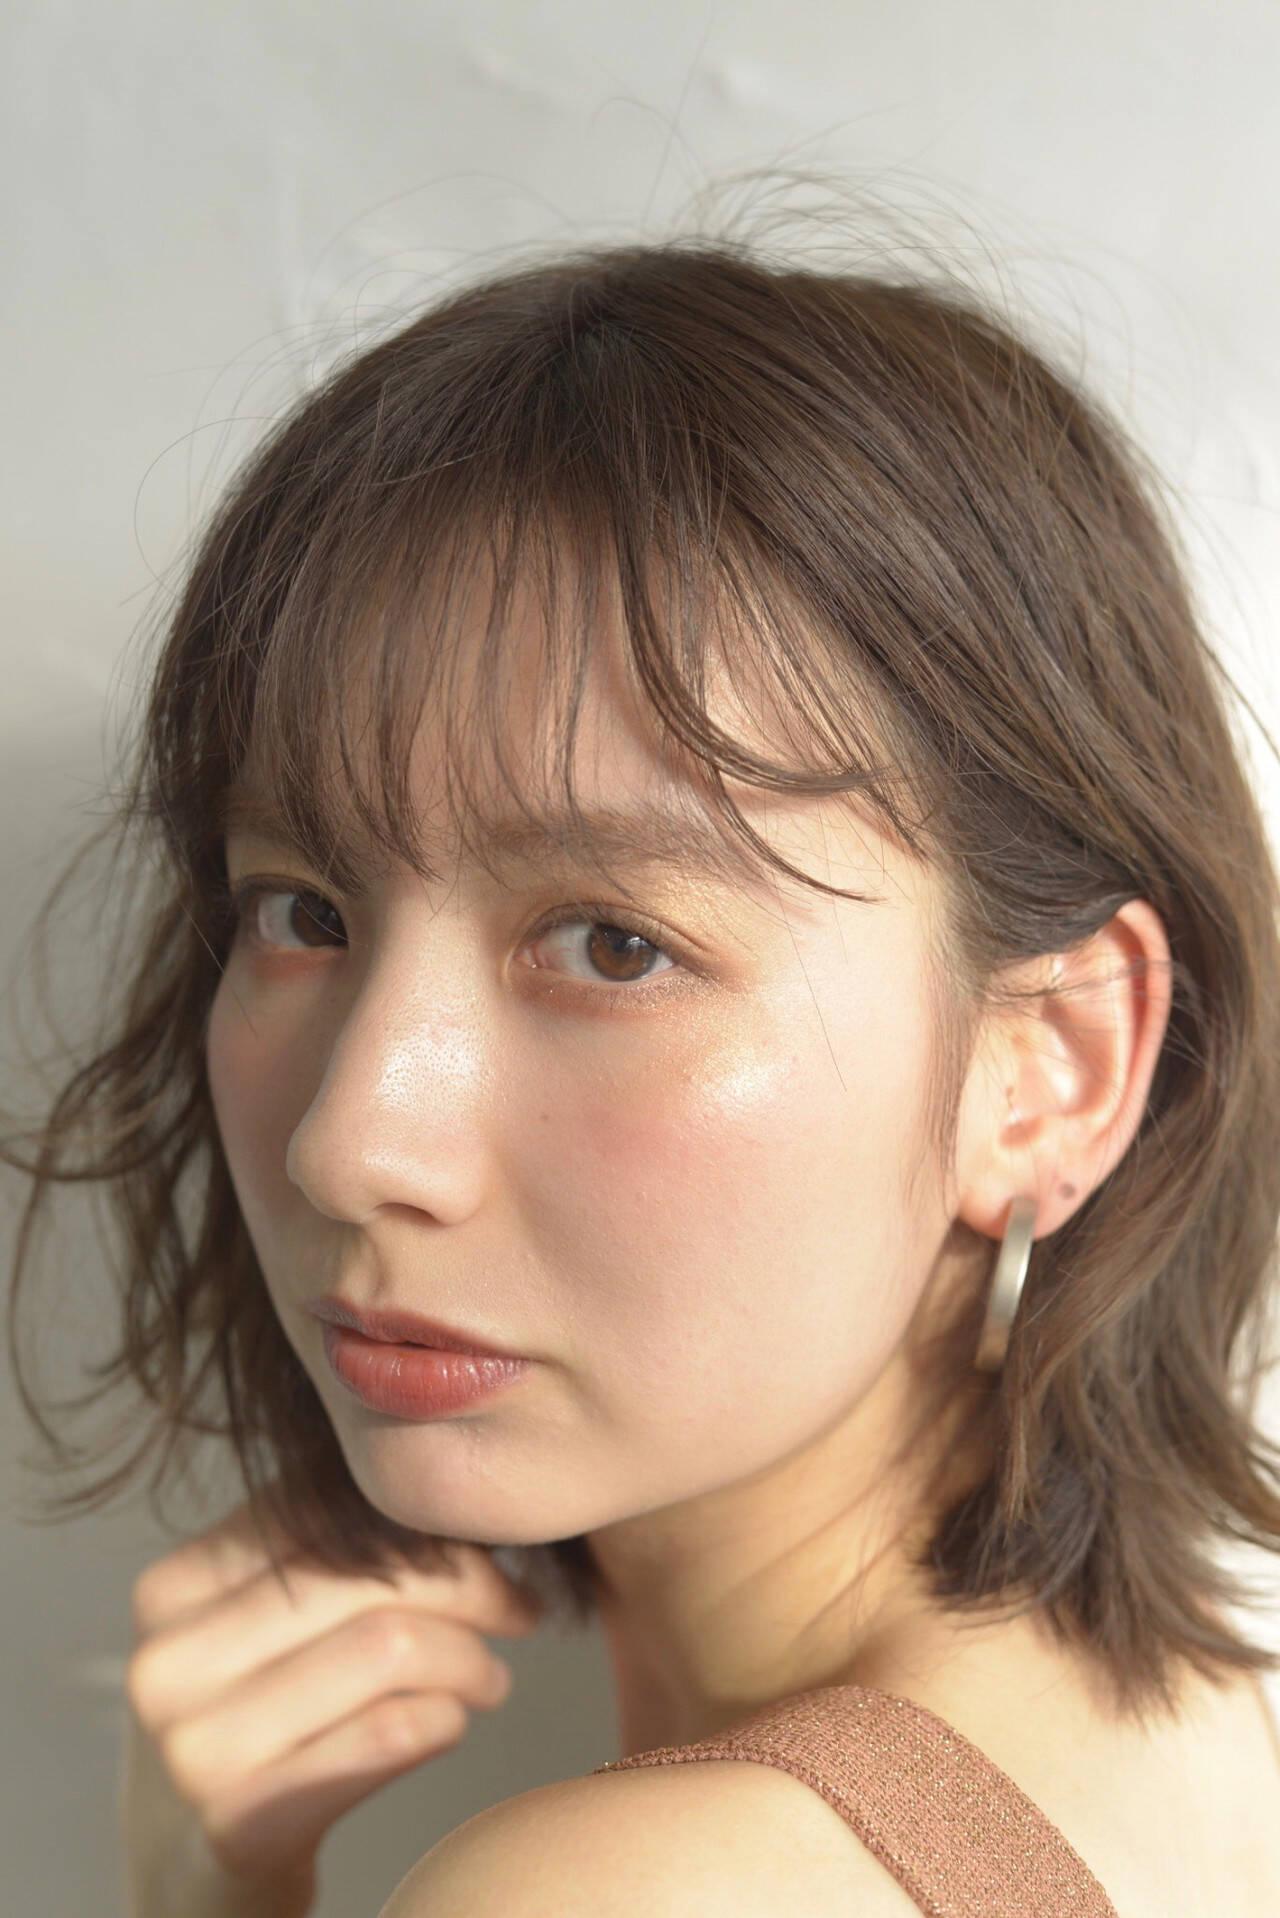 ミディアム フェミニン オフィス 前髪パーマヘアスタイルや髪型の写真・画像